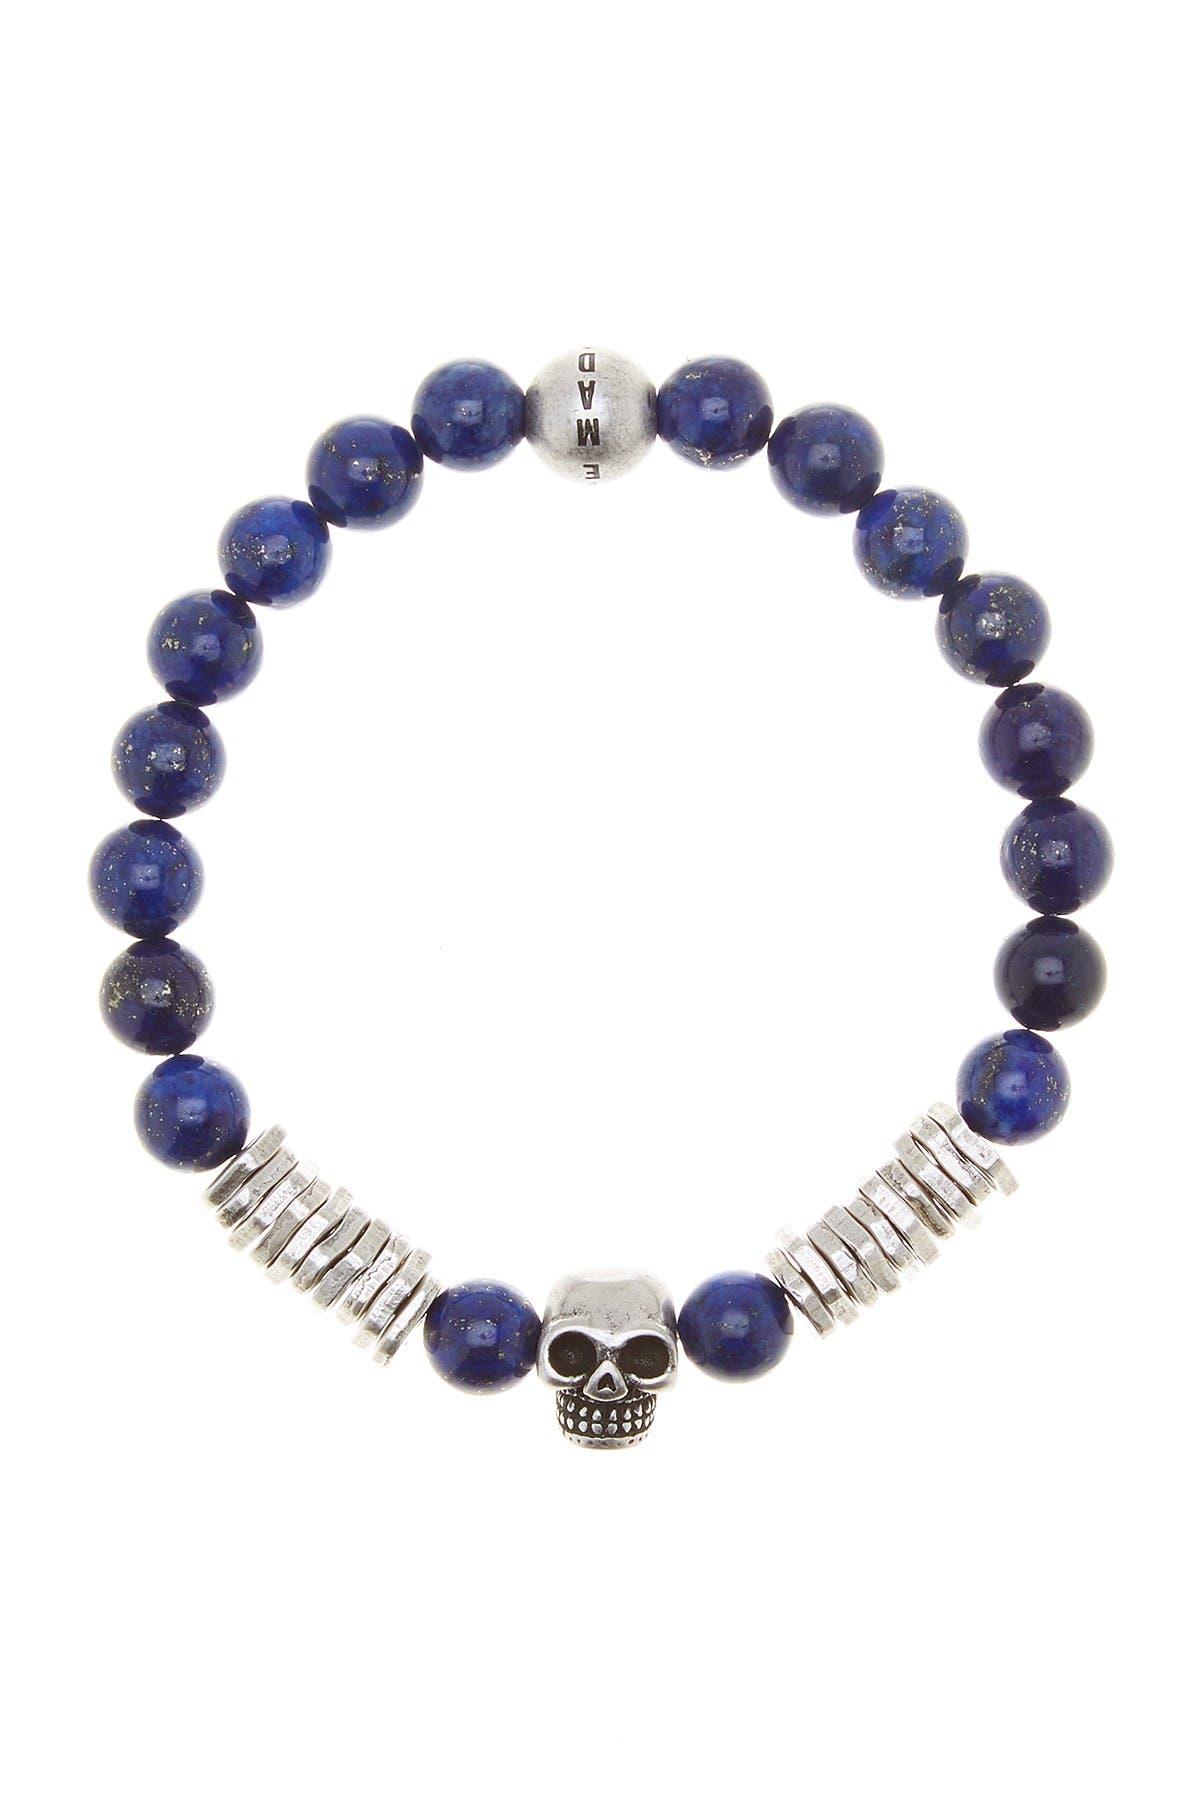 Image of Steve Madden Lapis & Skull Bead Stretch Bracelet